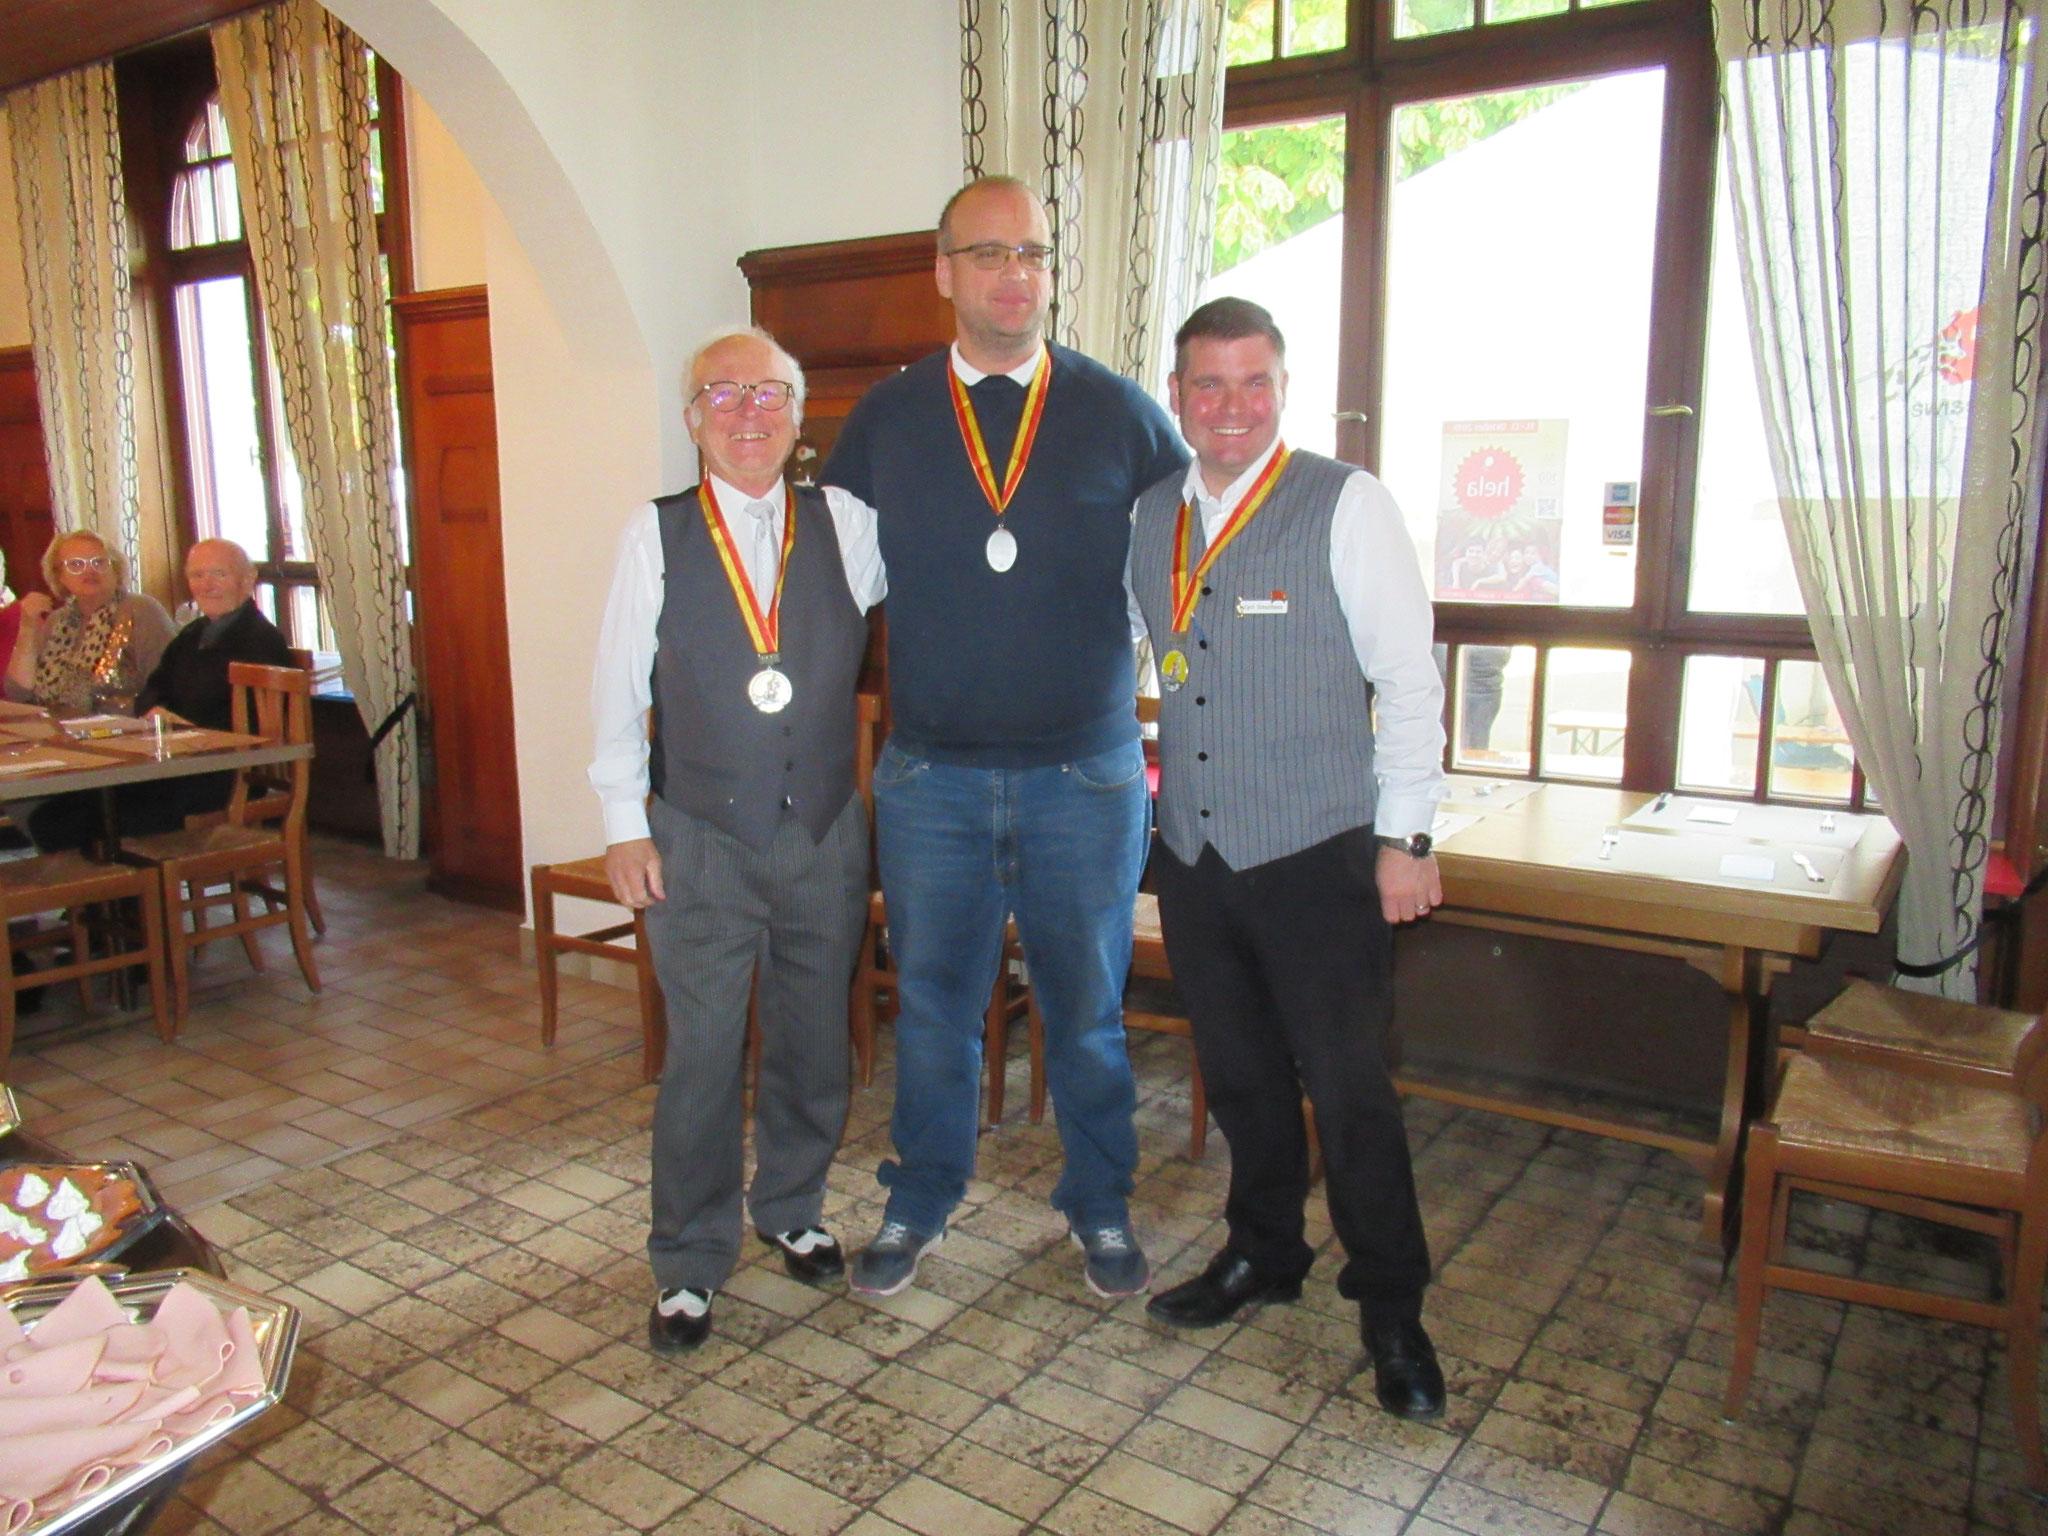 Bruno Leoni, Raffael Blaser und Cyrill Schulhess (v li n re)